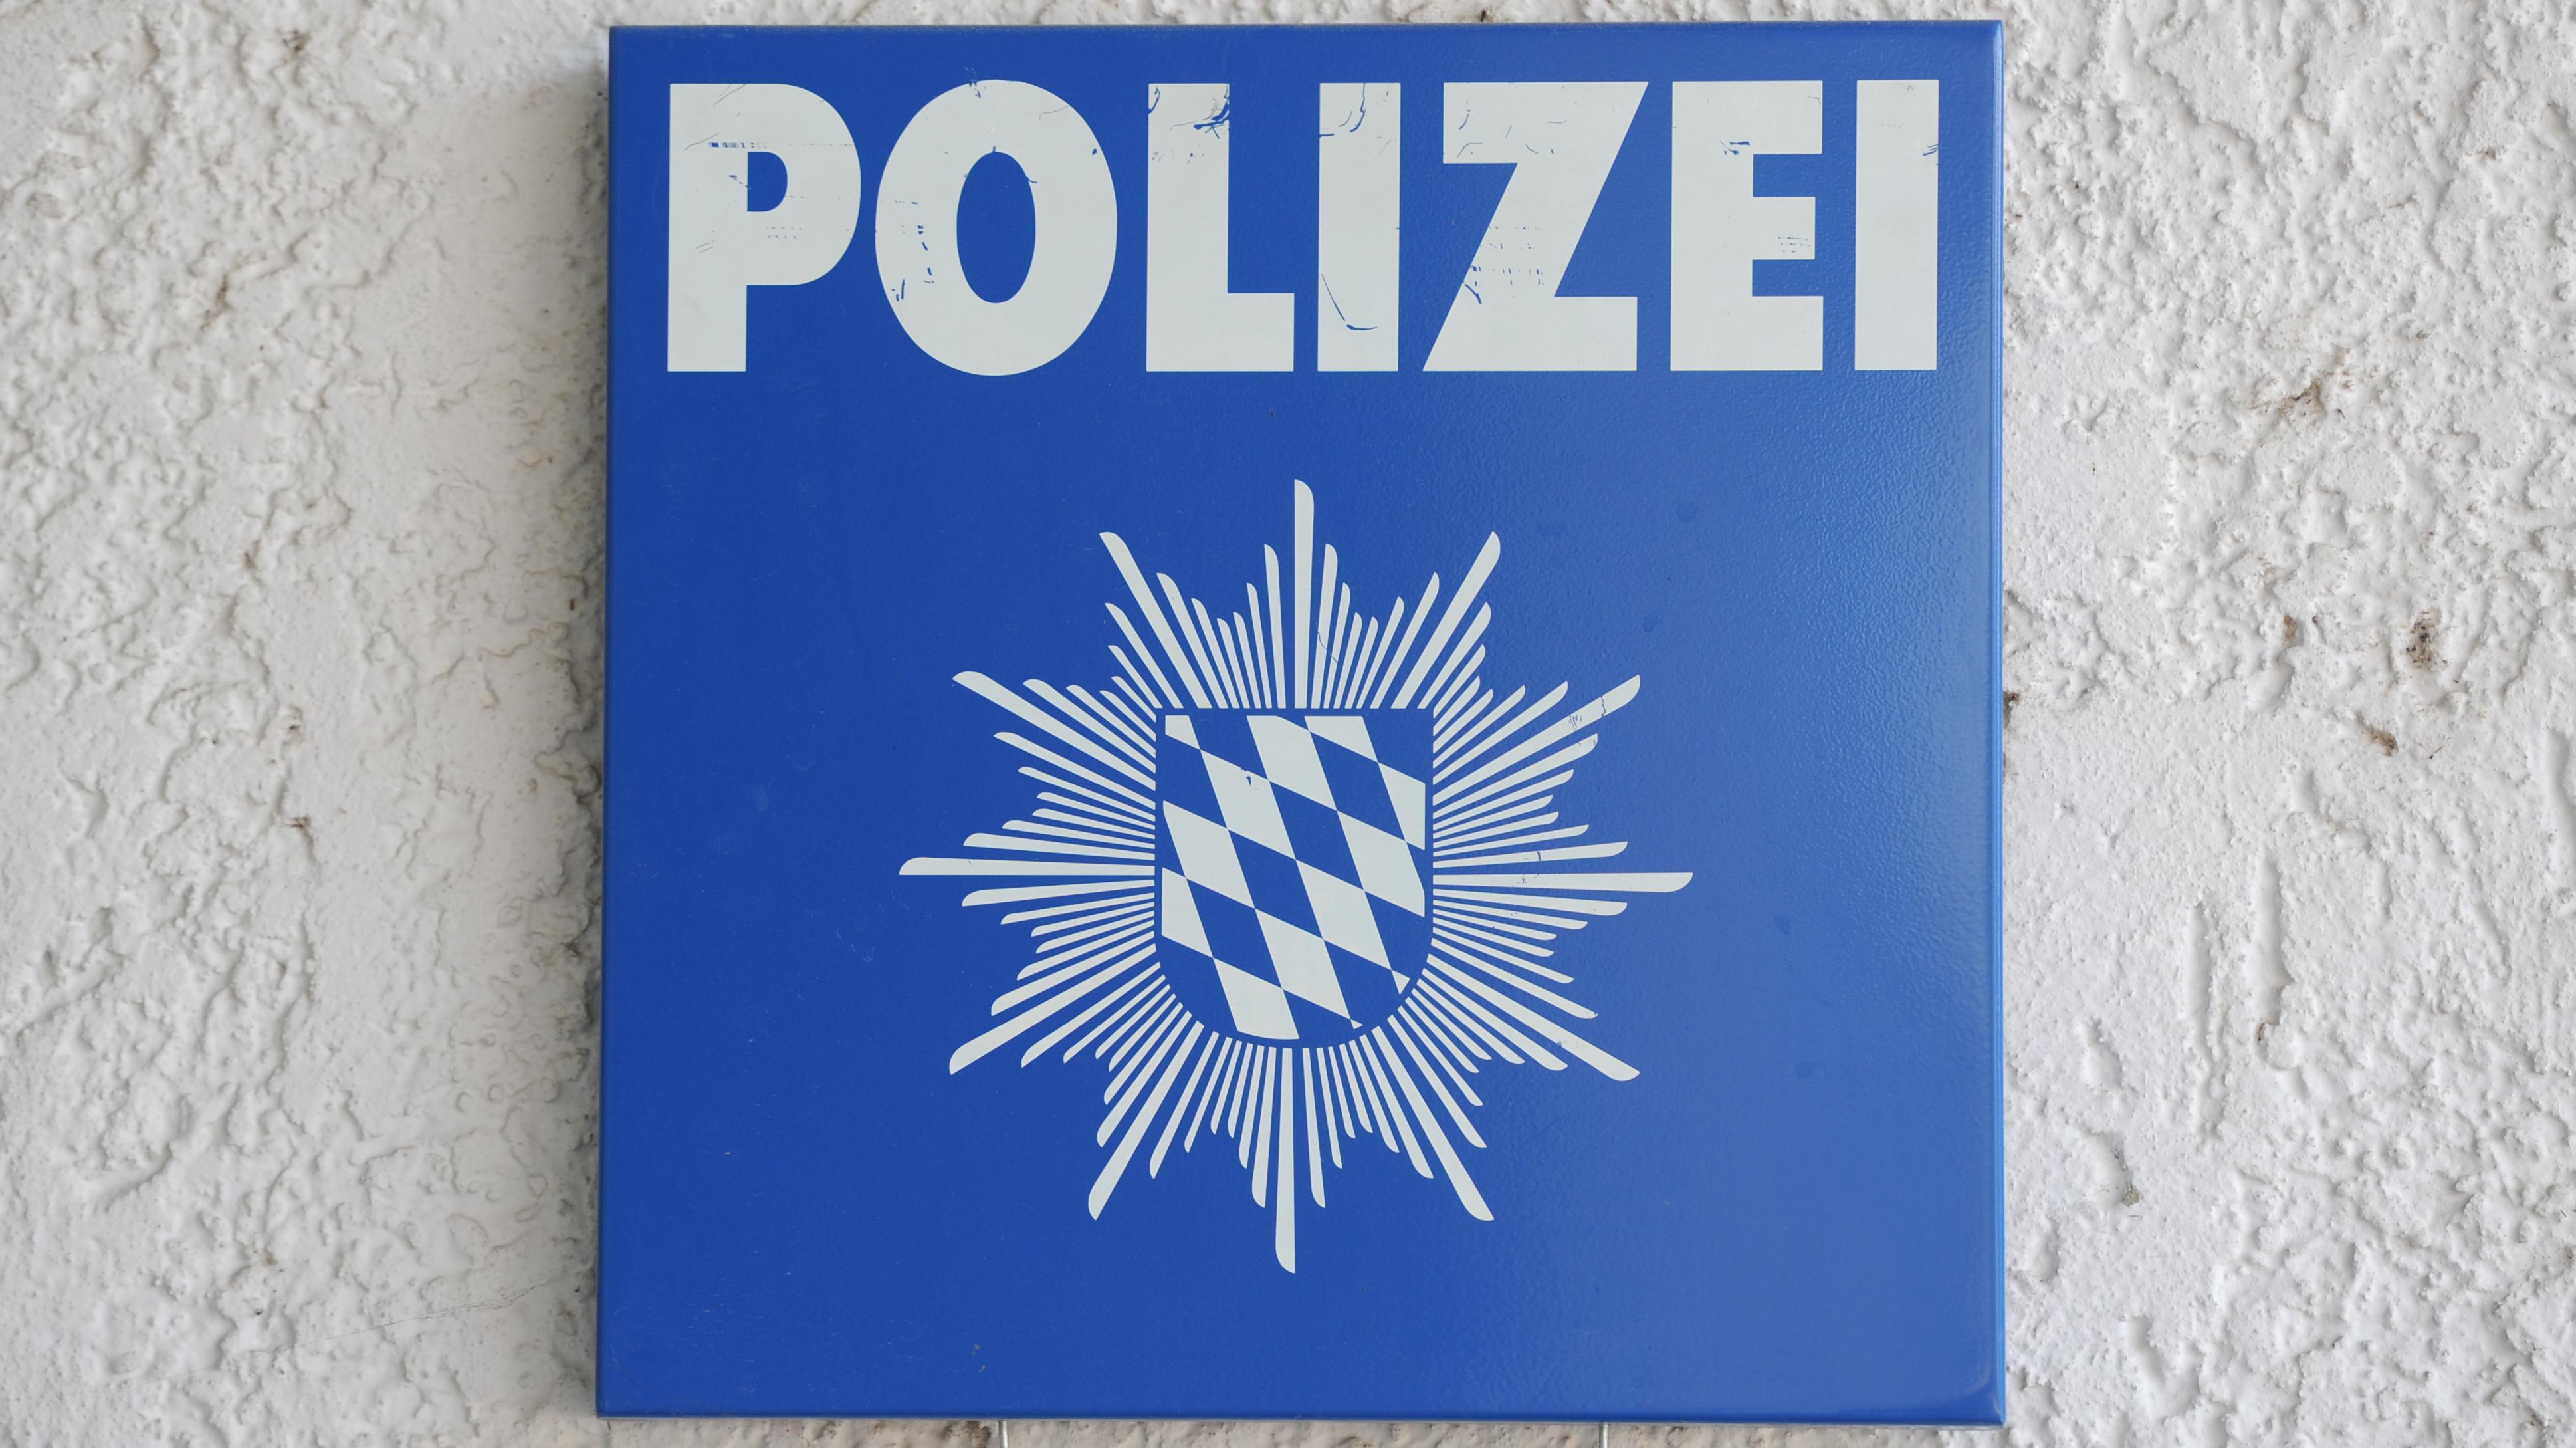 Schild einer Polizeiwache